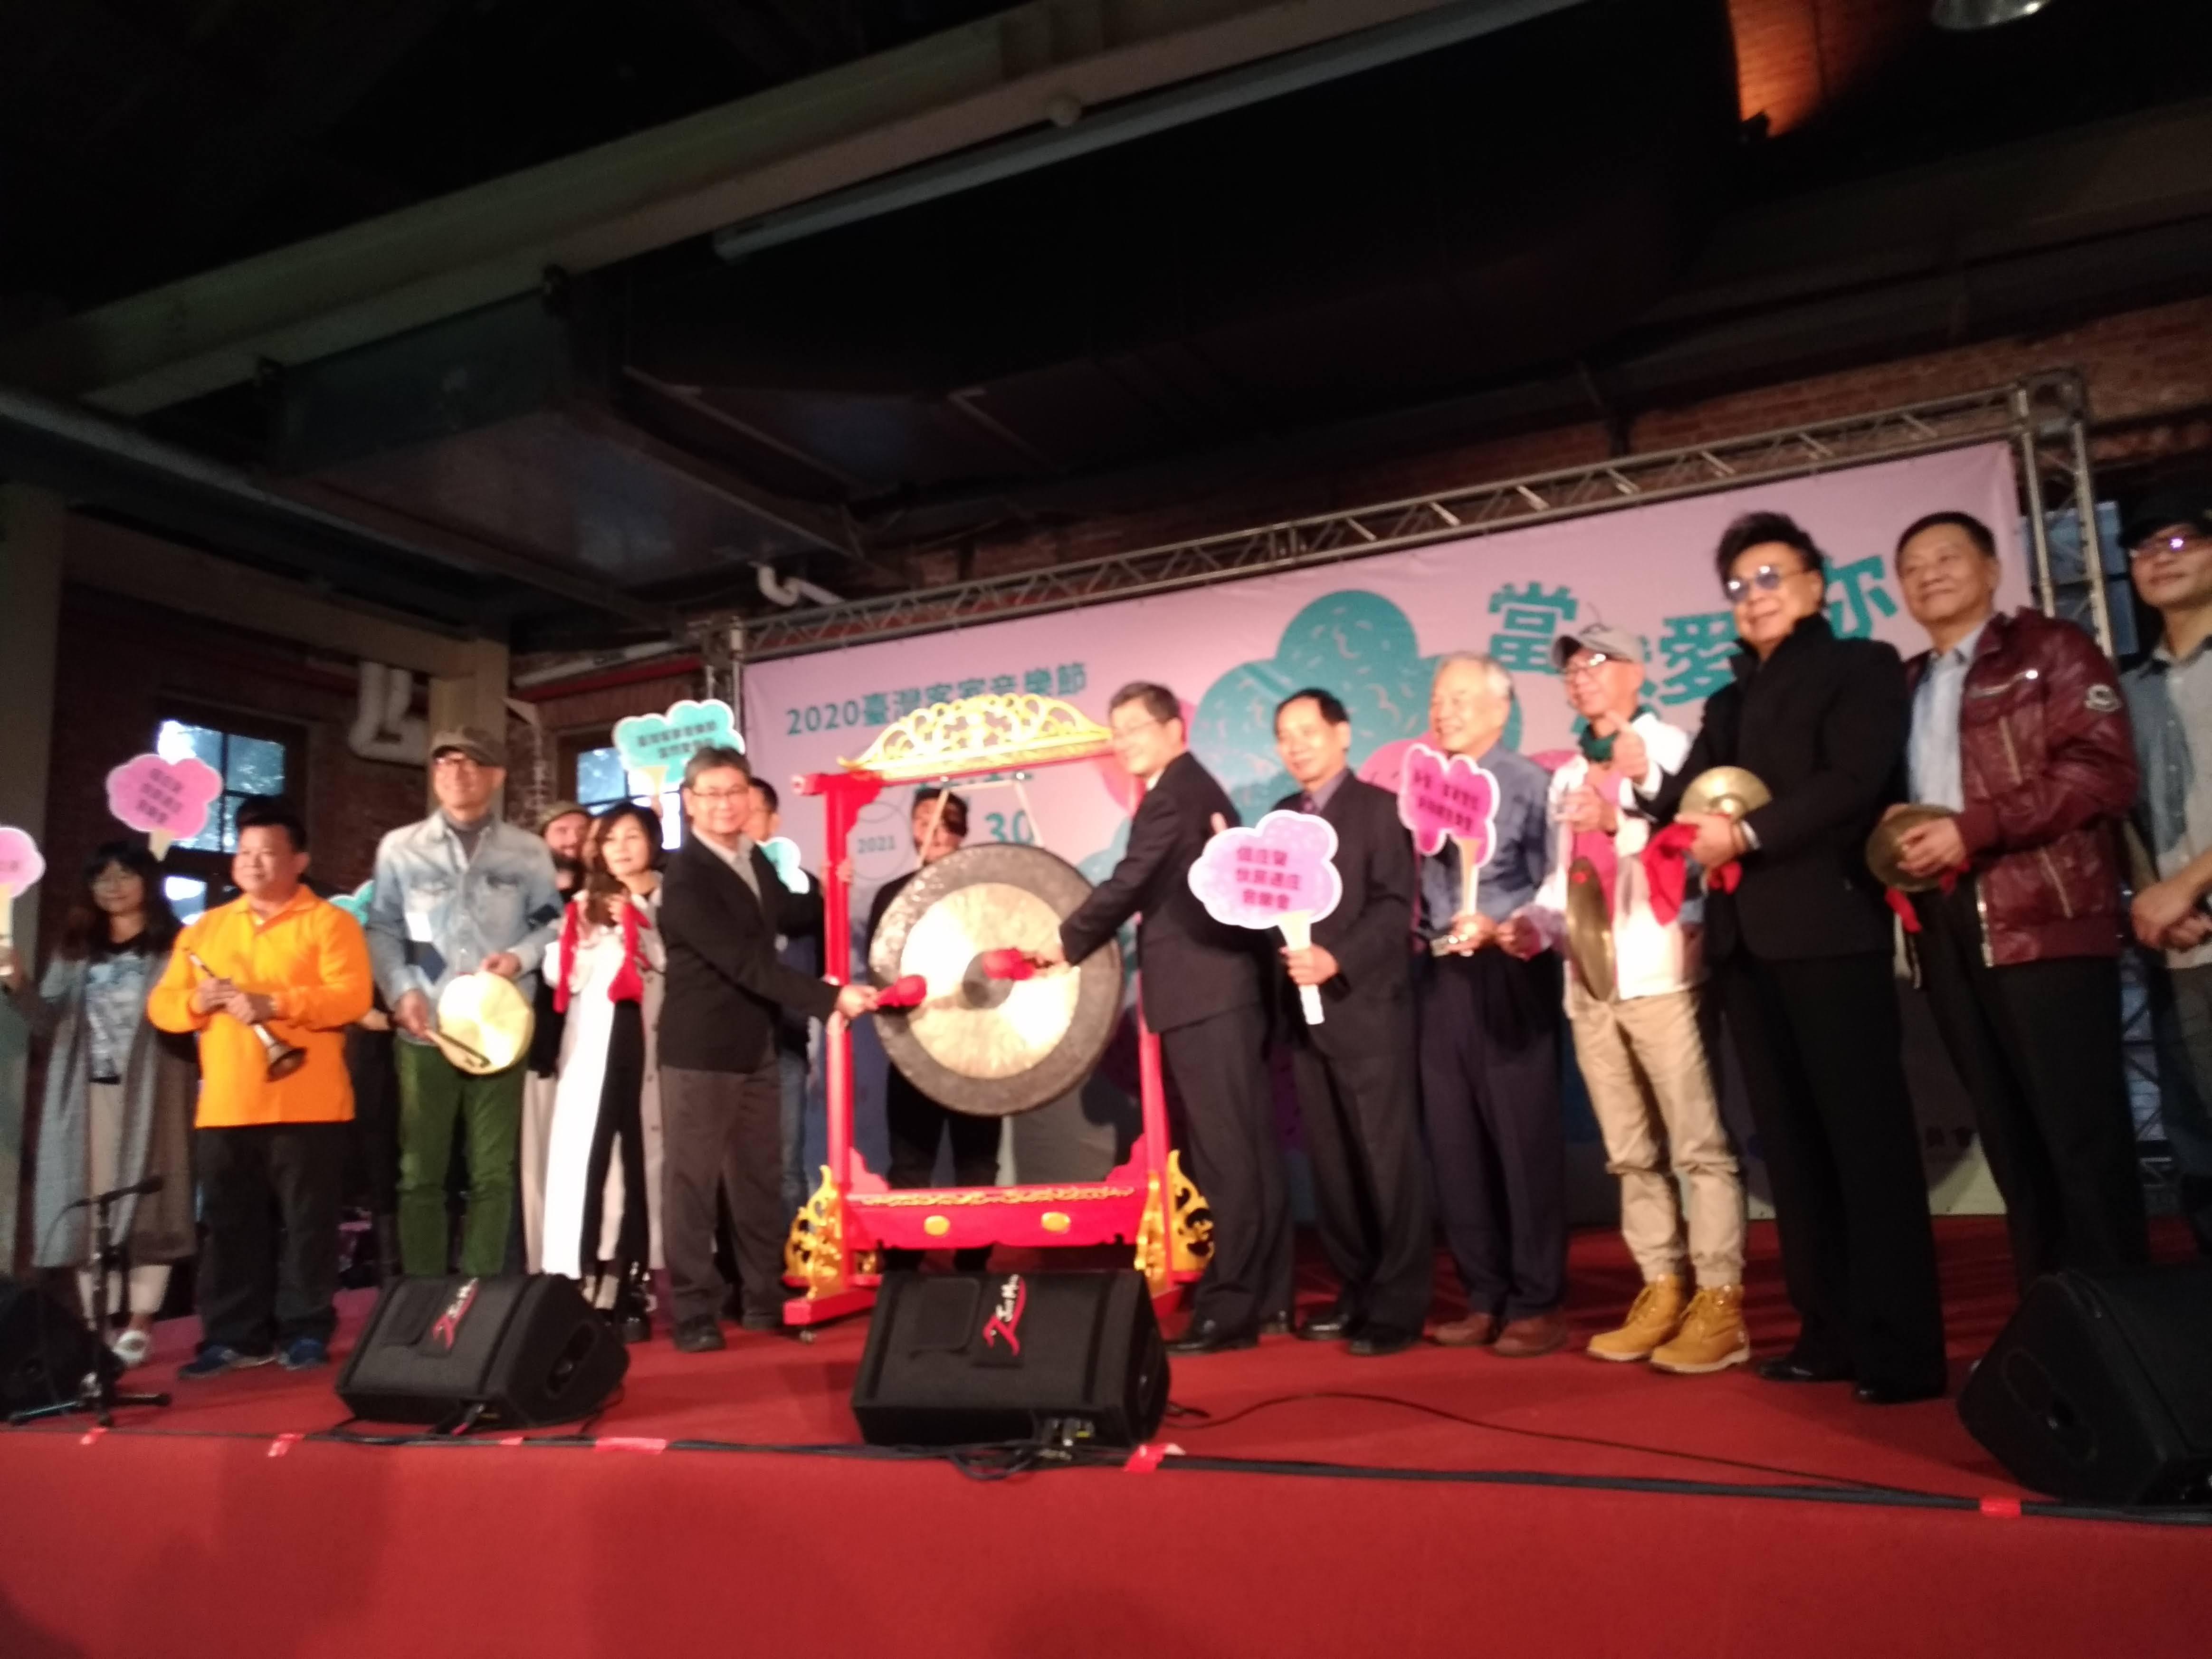 看展覽-花開四季新瓦紅;聽音樂-台灣客家音樂節當然愛聲你